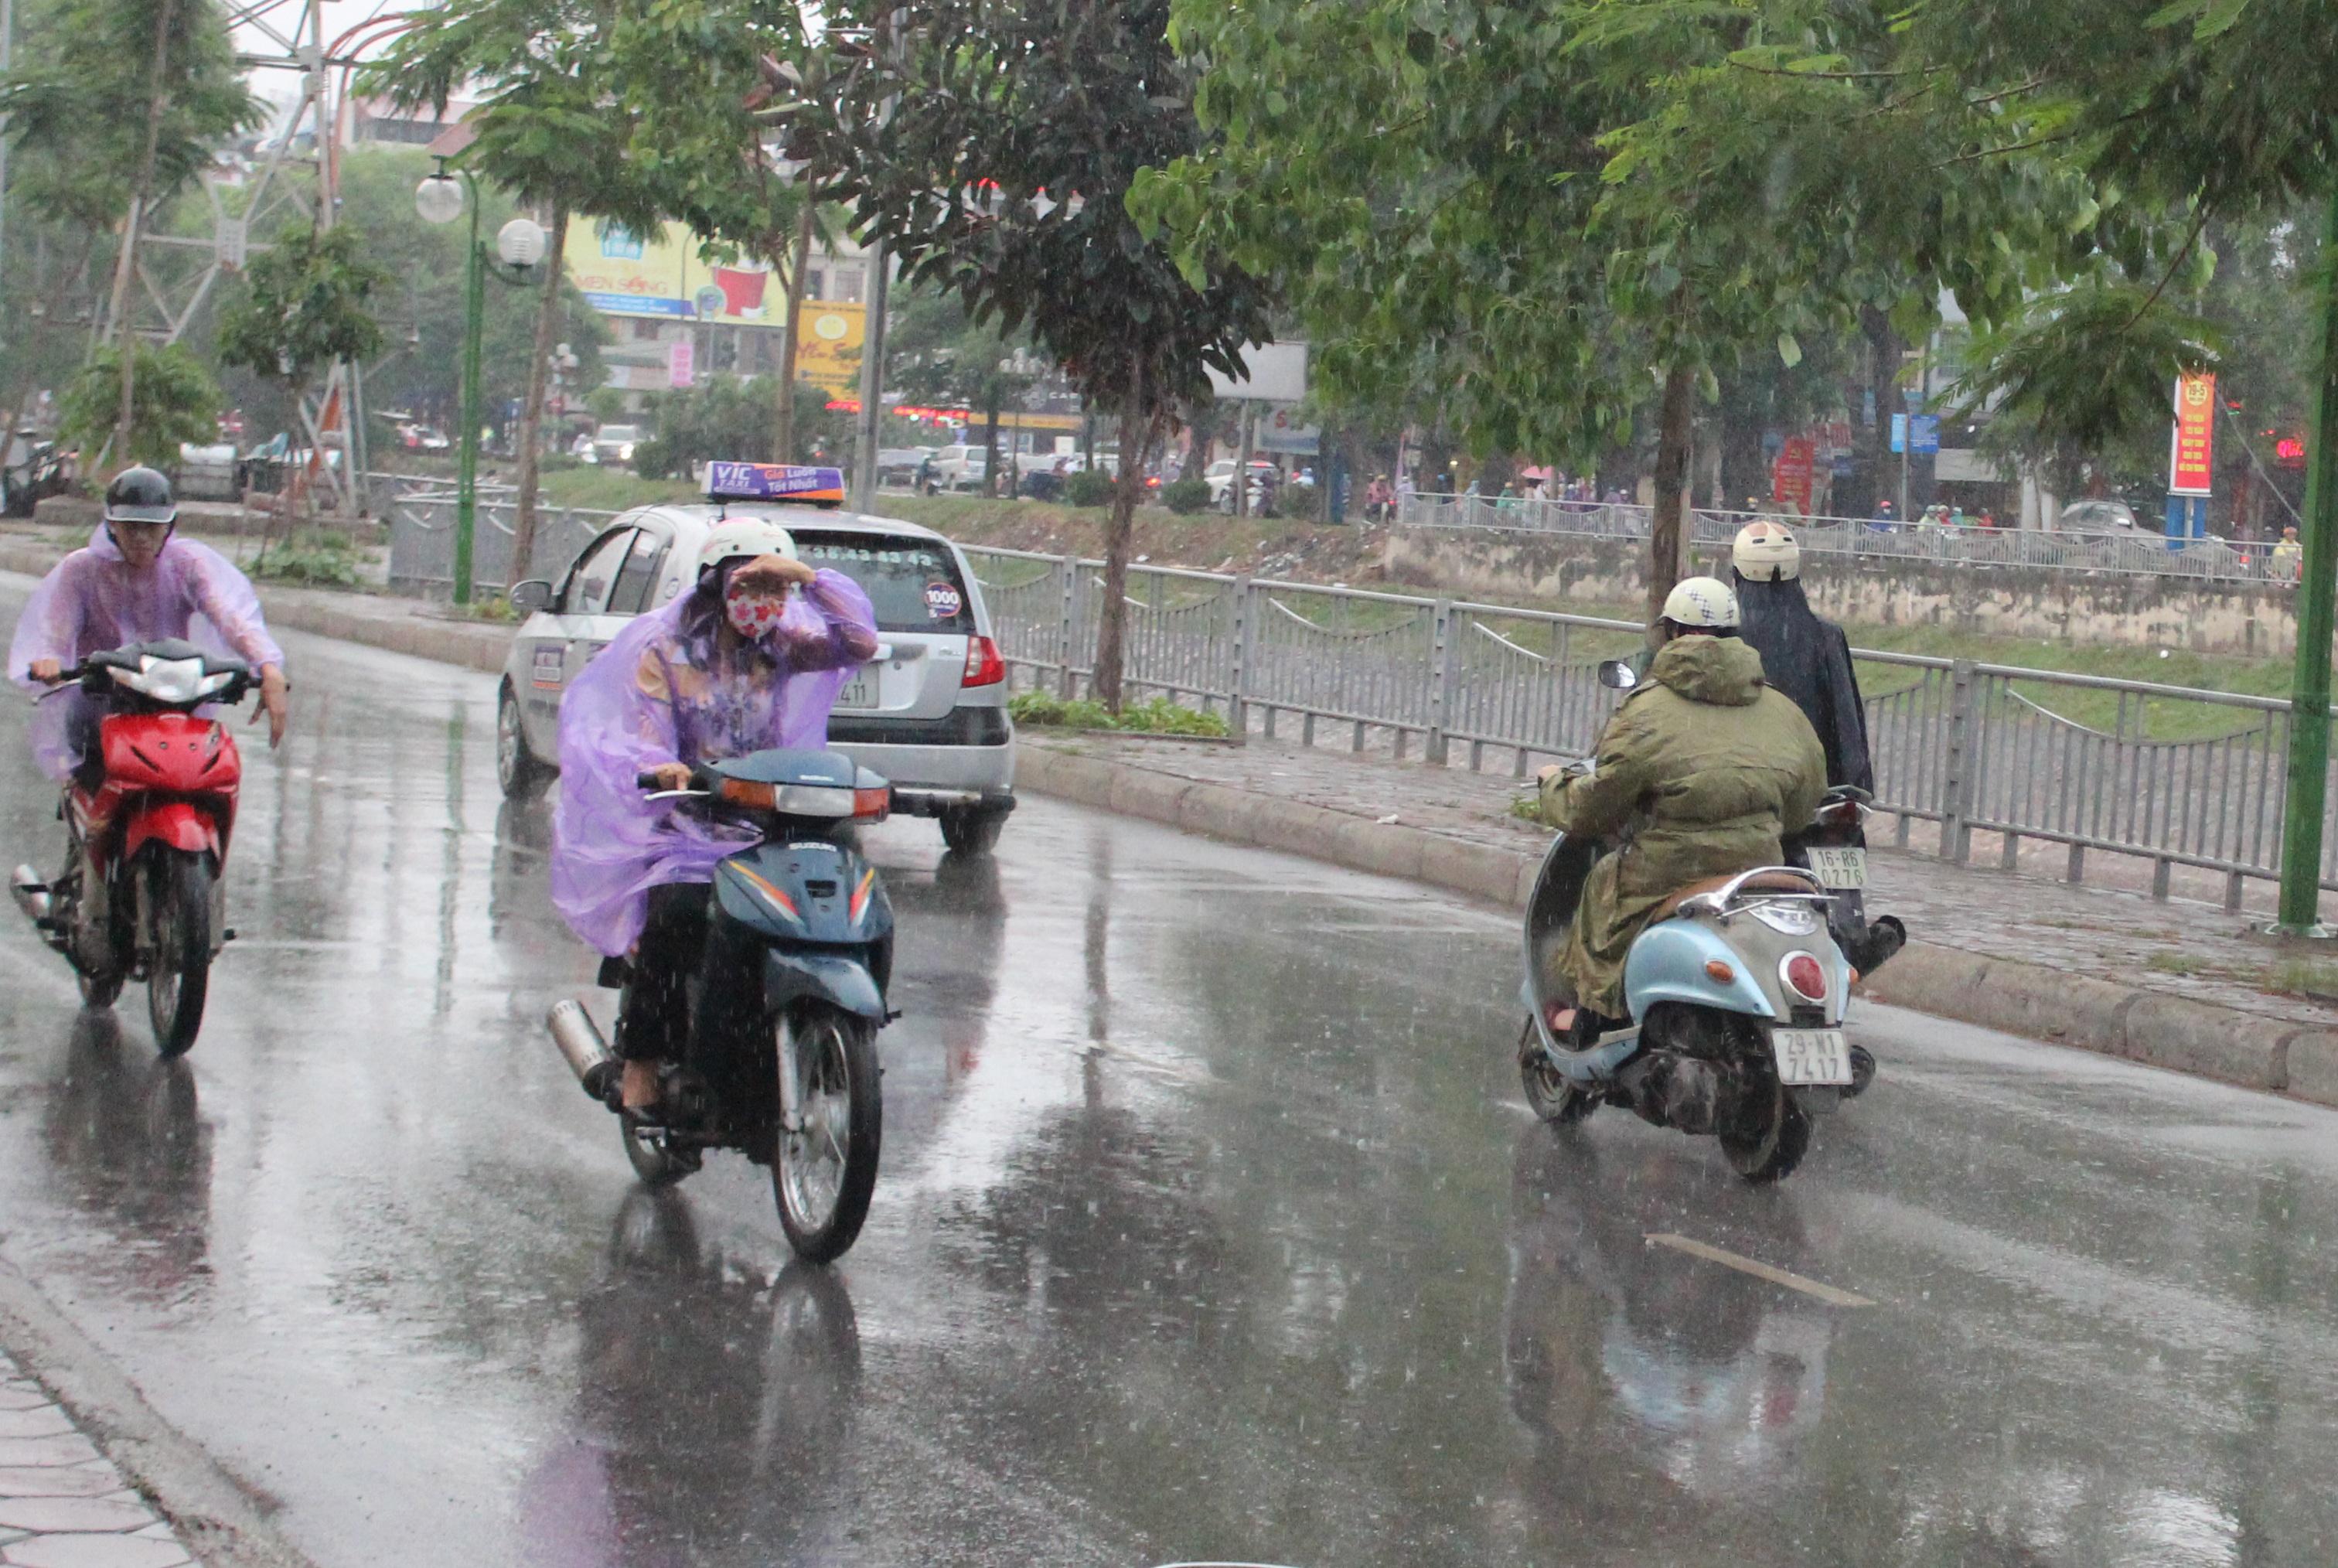 Ngày mai (4/6), phía đông Bắc Bộ và khu vực Hà Nội sẽ xuất hiện mưa giông (ảnh: Nguyễn Dương)